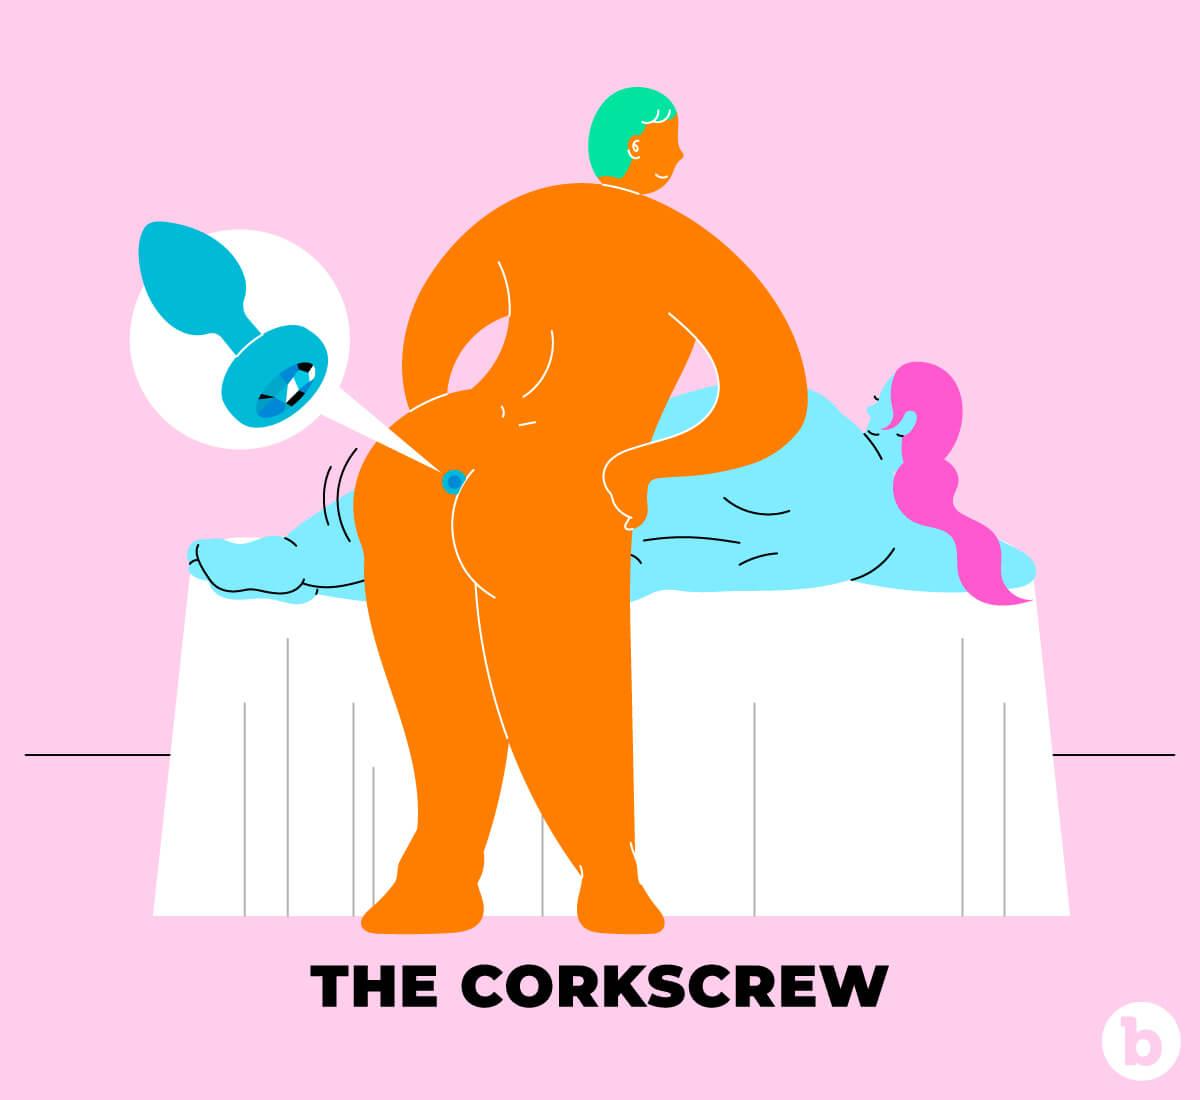 The Corkscrew Sex Position